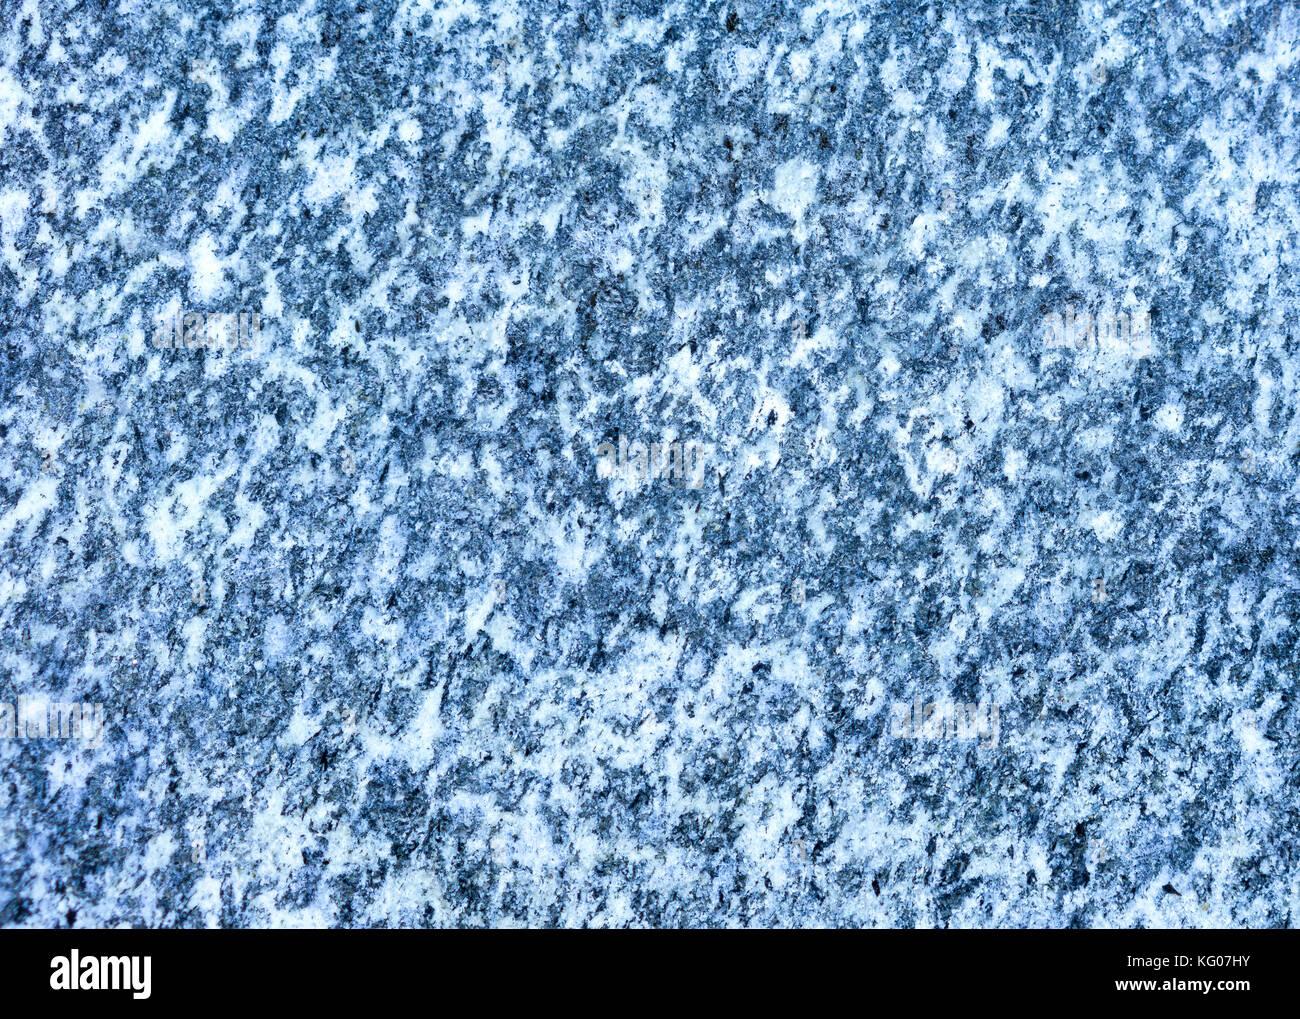 Blauer Granit Stein Textur Tageslicht Oberflache Fur Die Fensterbank